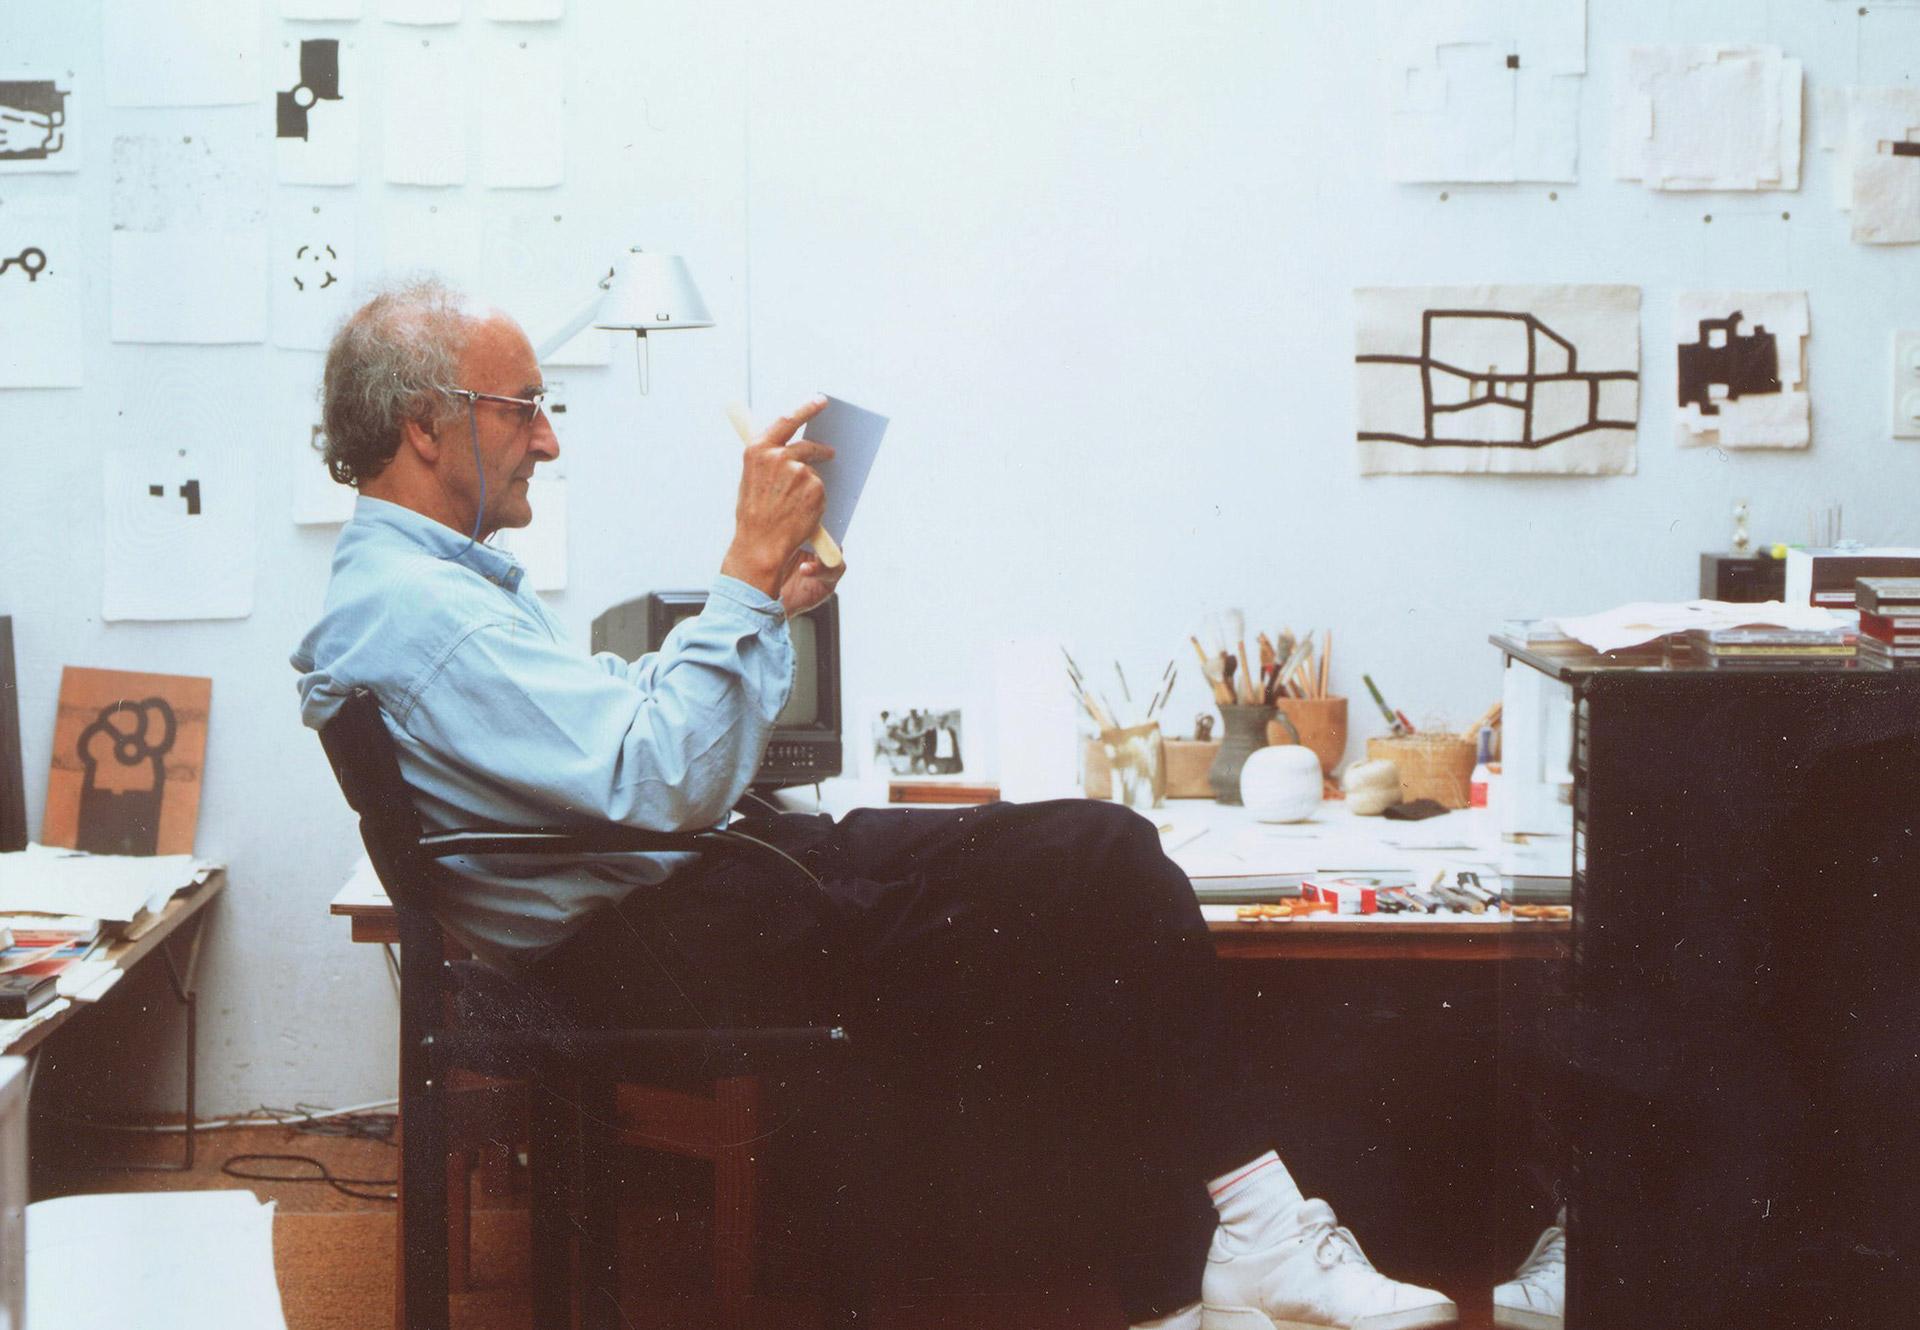 Eduardo Chillida | Artistas | Guggenheim Bilbao Museoa